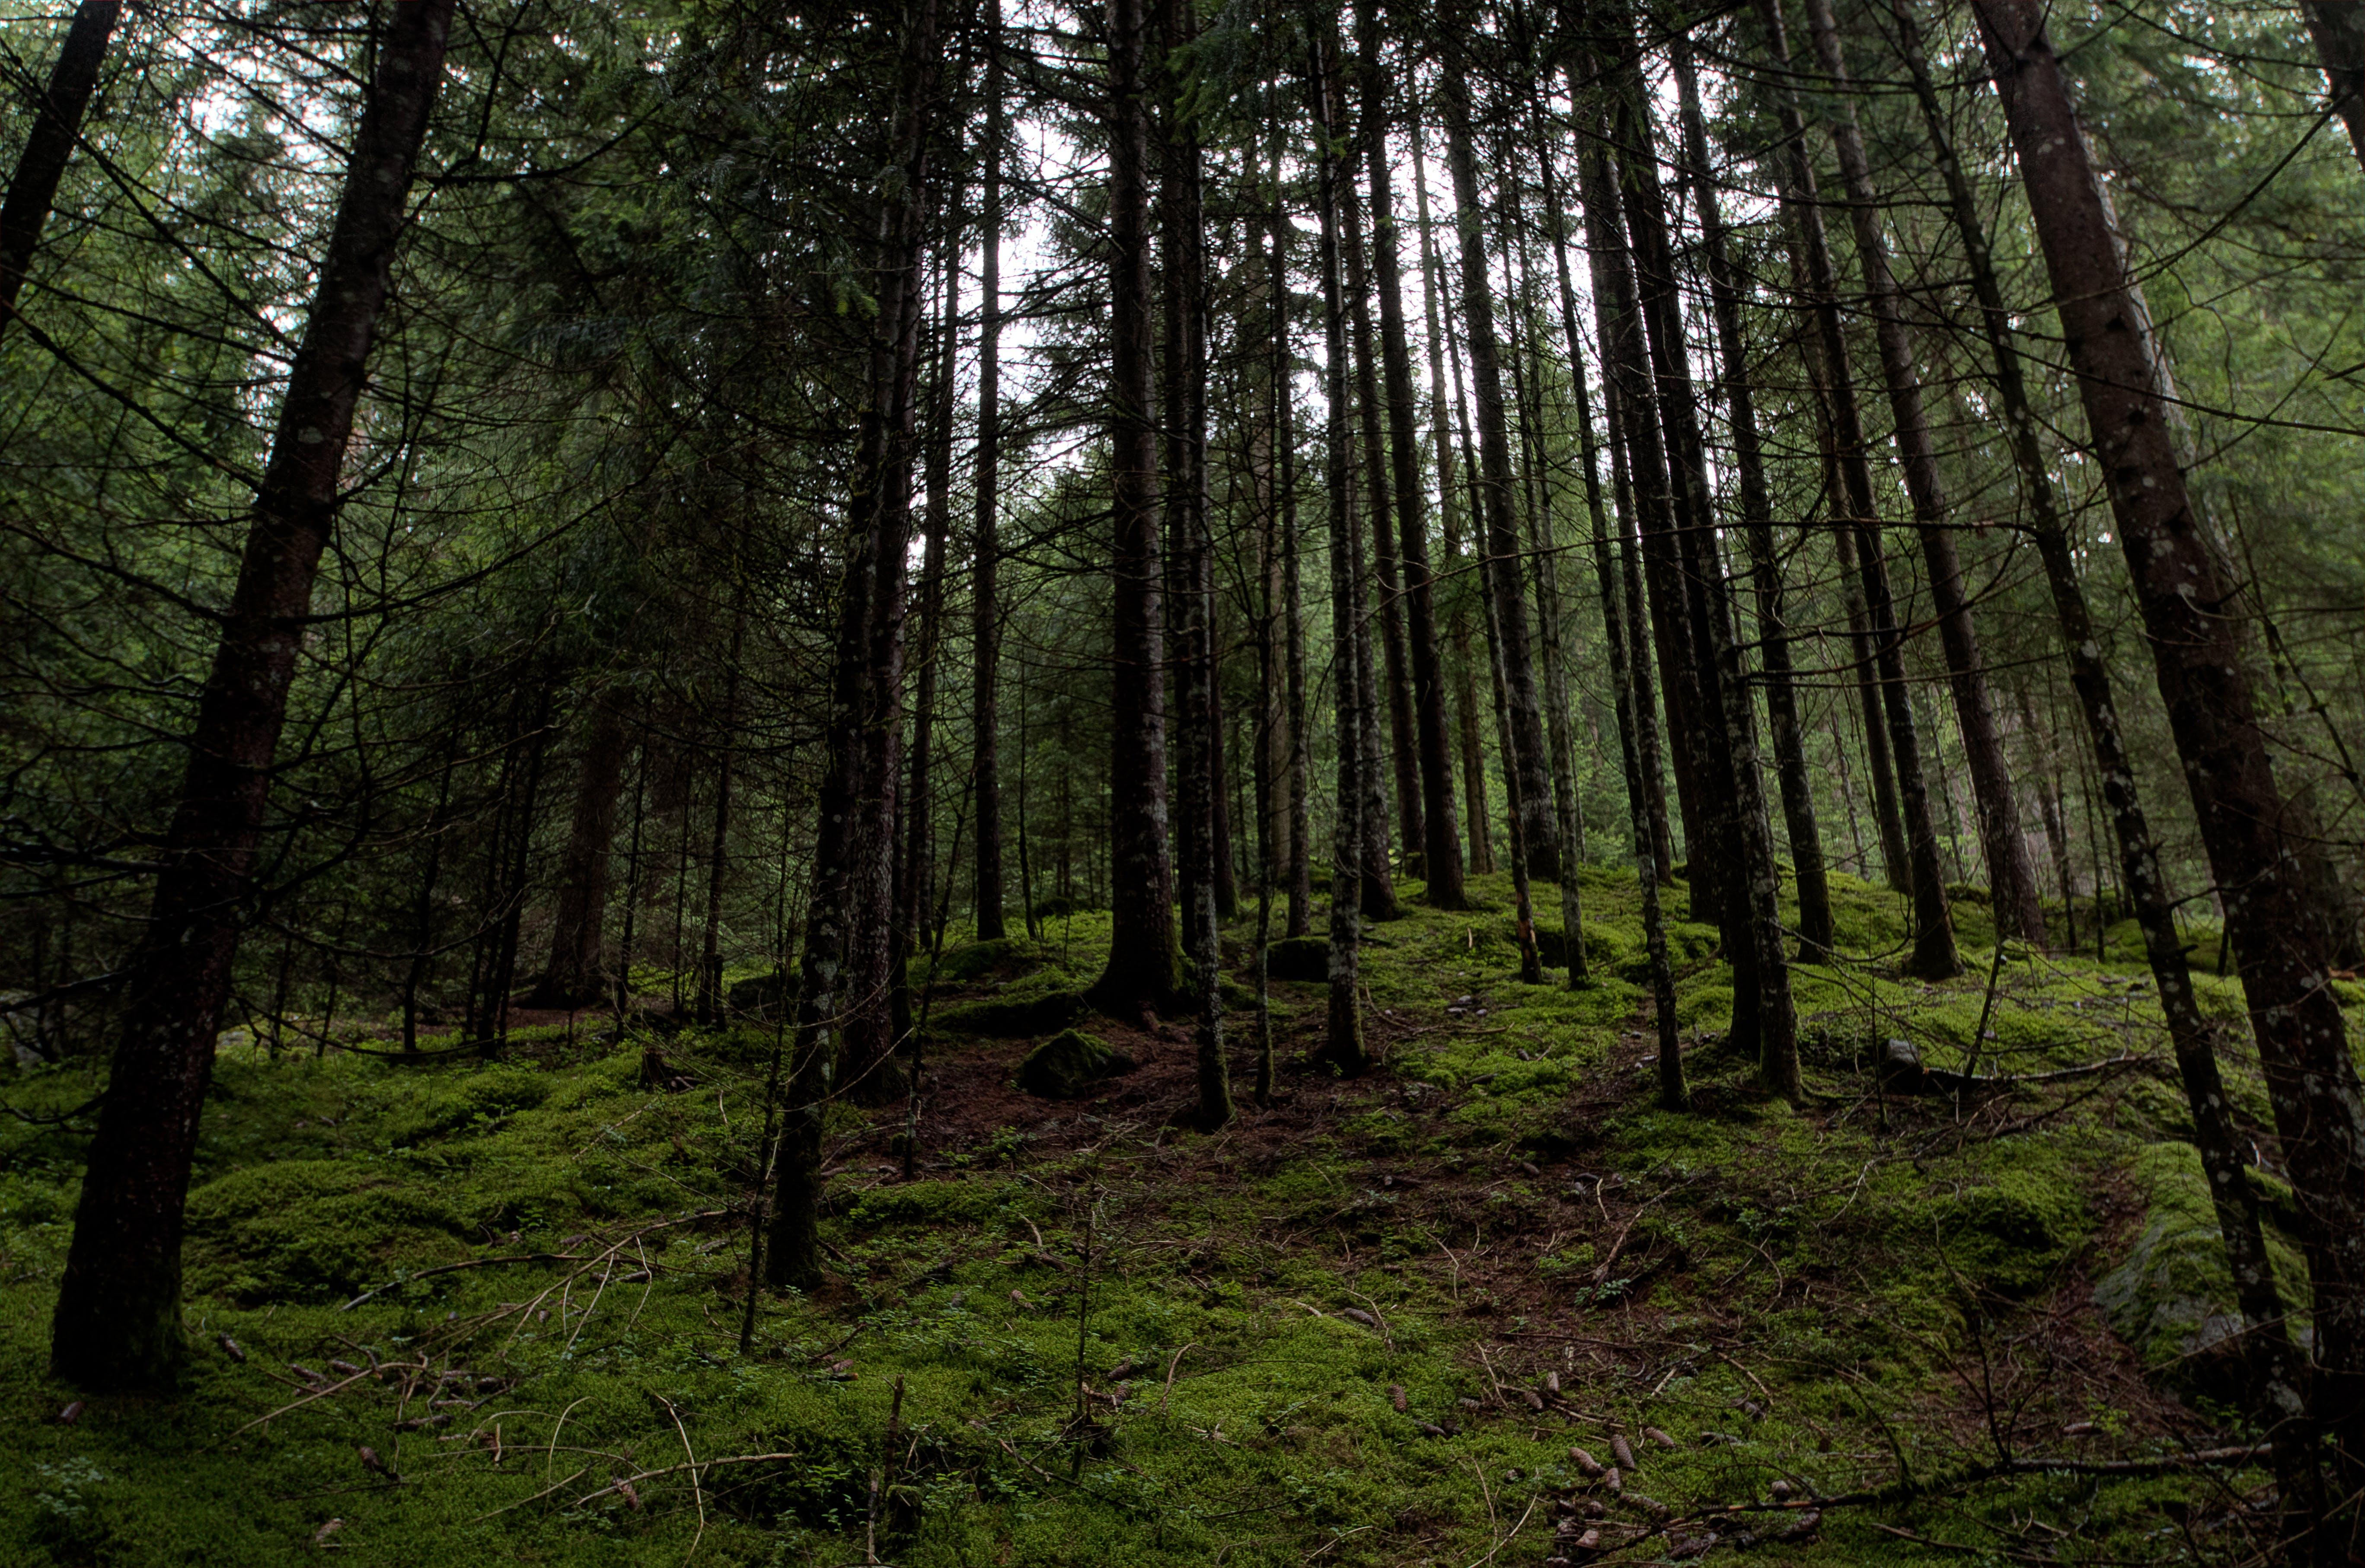 ağaç gövdeleri, ağaçlar, büyüme, çevre içeren Ücretsiz stok fotoğraf